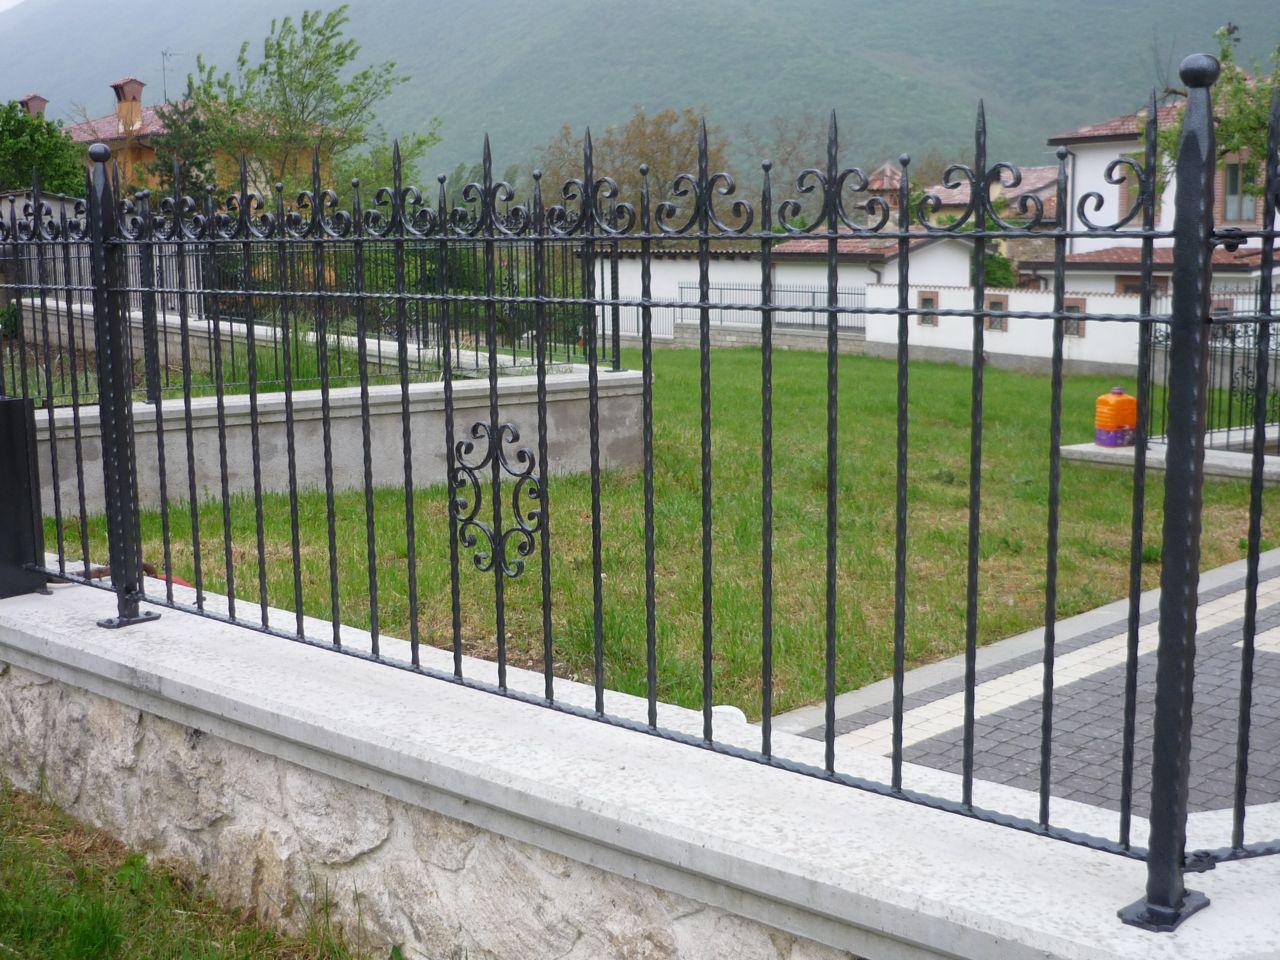 disegno Railing veranda : Ringhiera A Disegno Verticale In Ferro Verniciato Corrimano In Leg ...